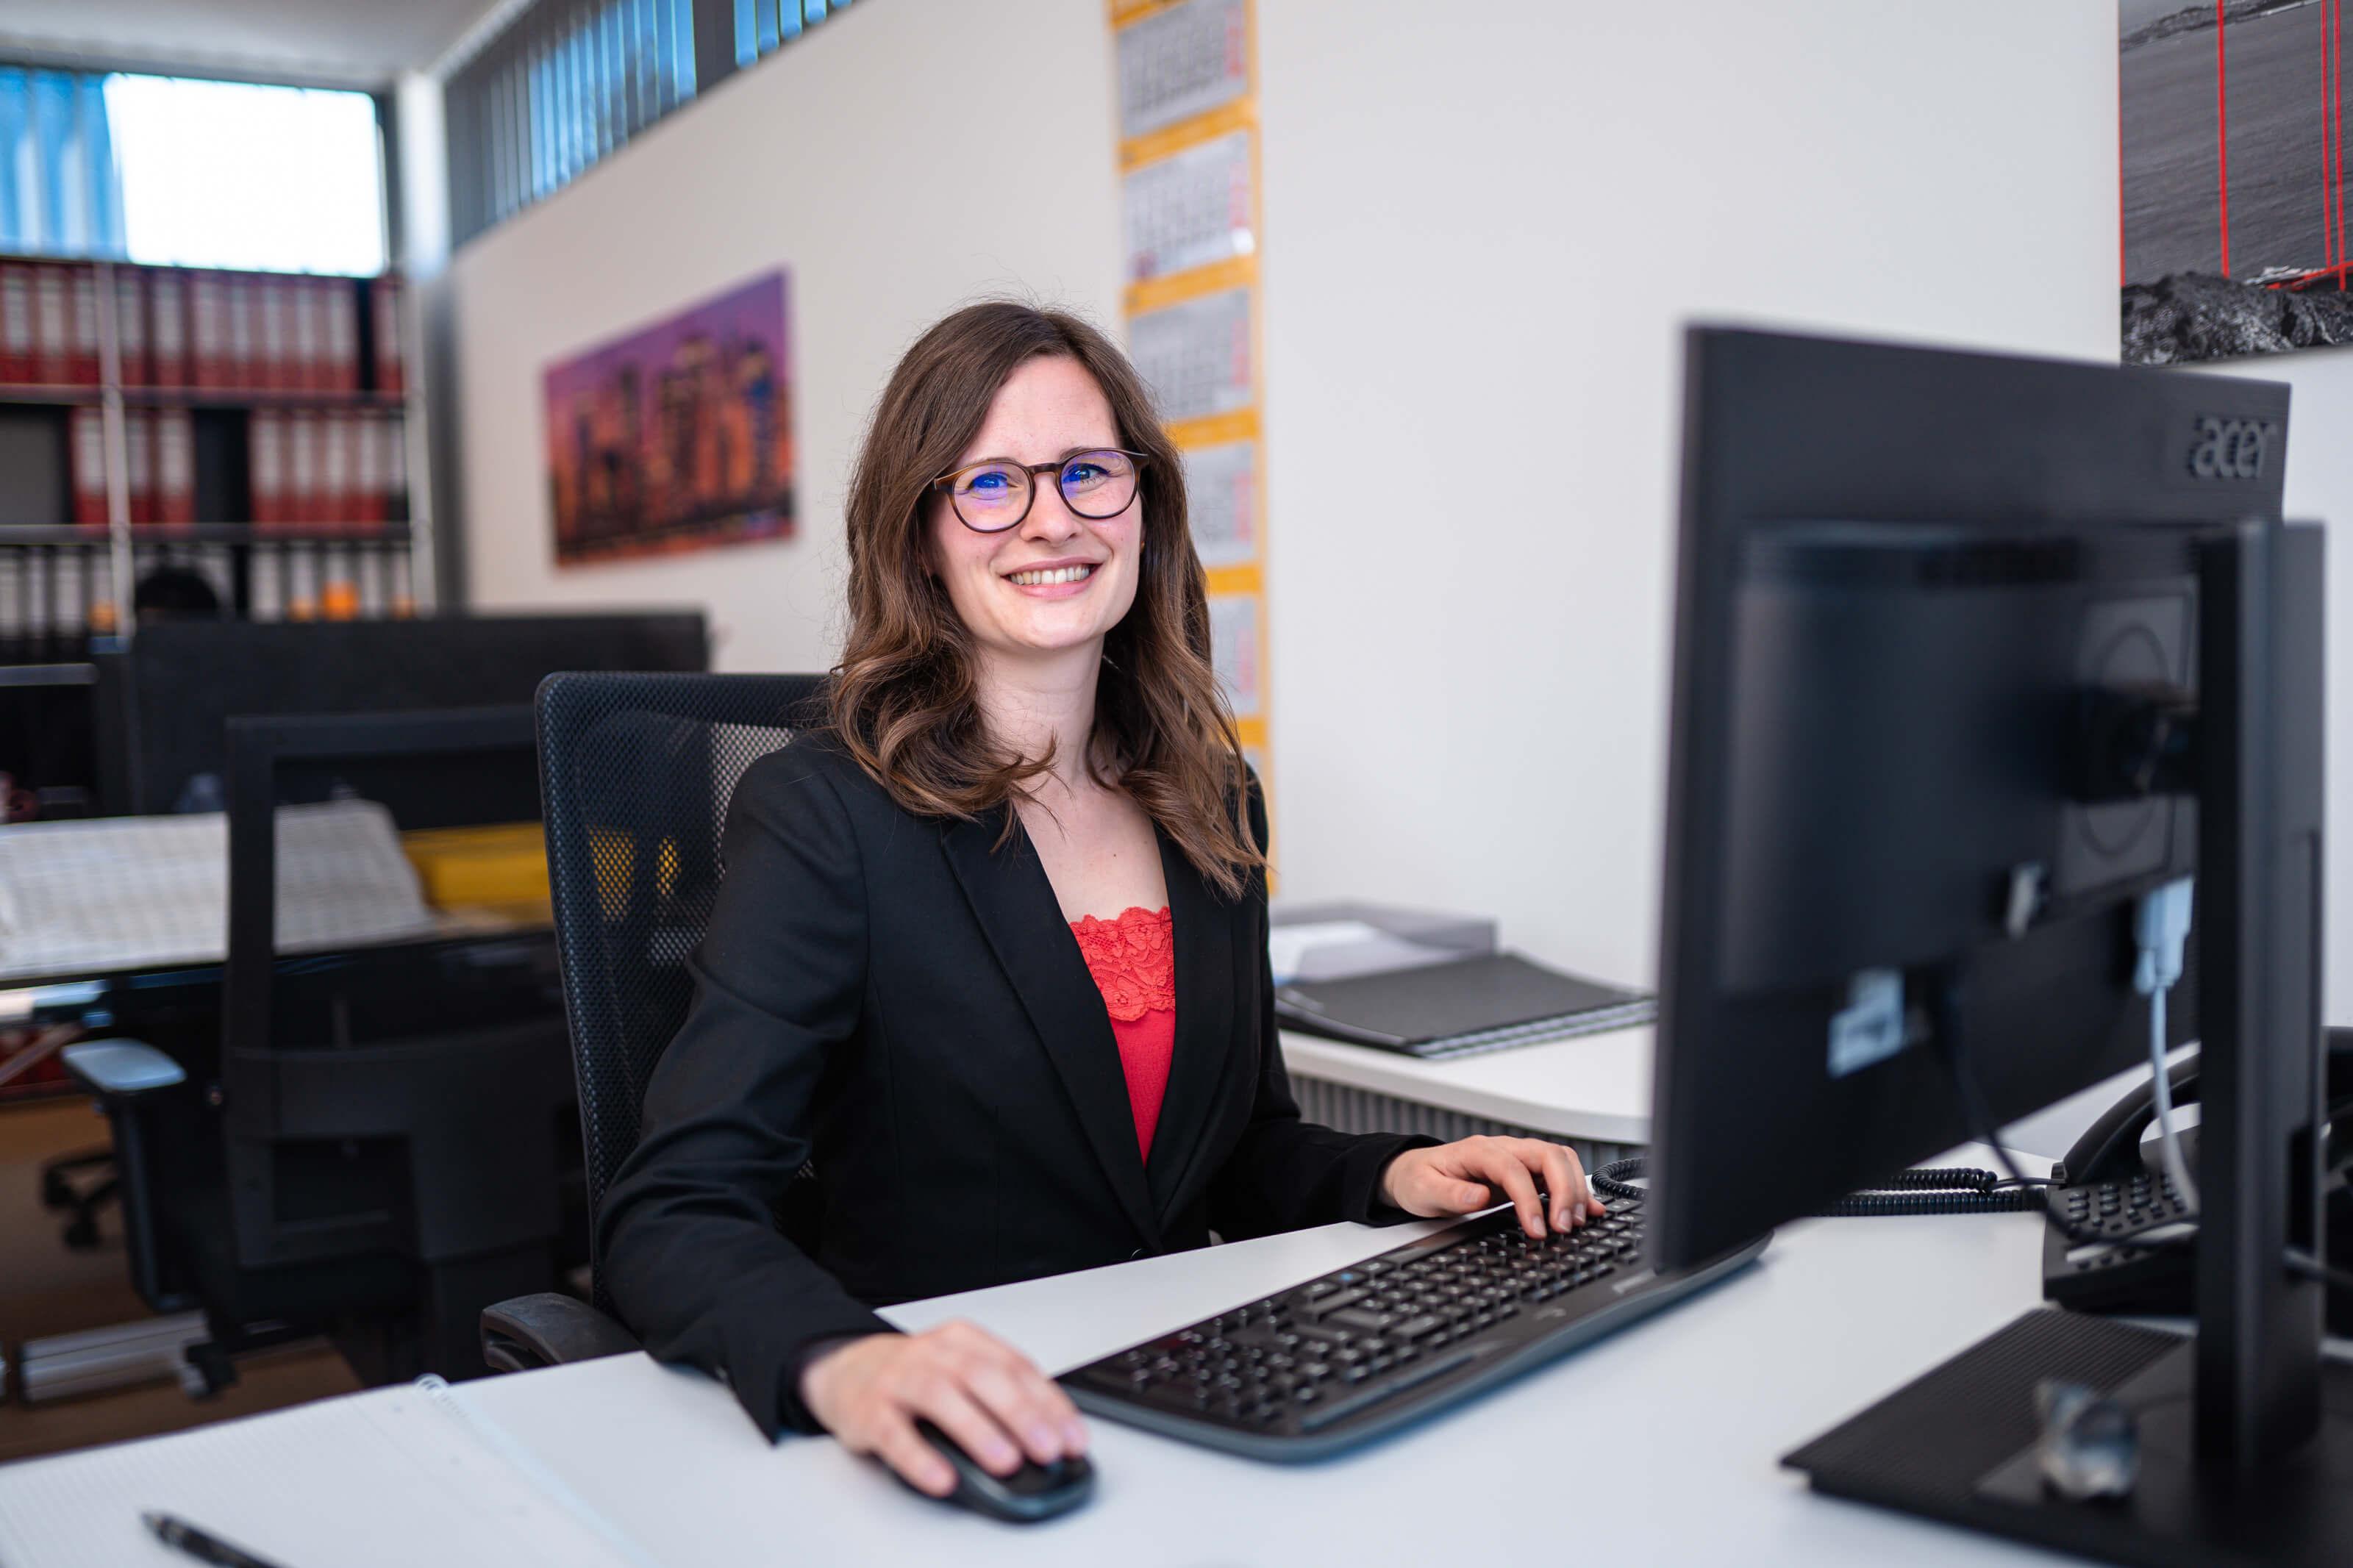 Carolin Voltmer - verantwortlich für die Vermietung bei Voltmer Immobilien - sitzt am Schreibtisch